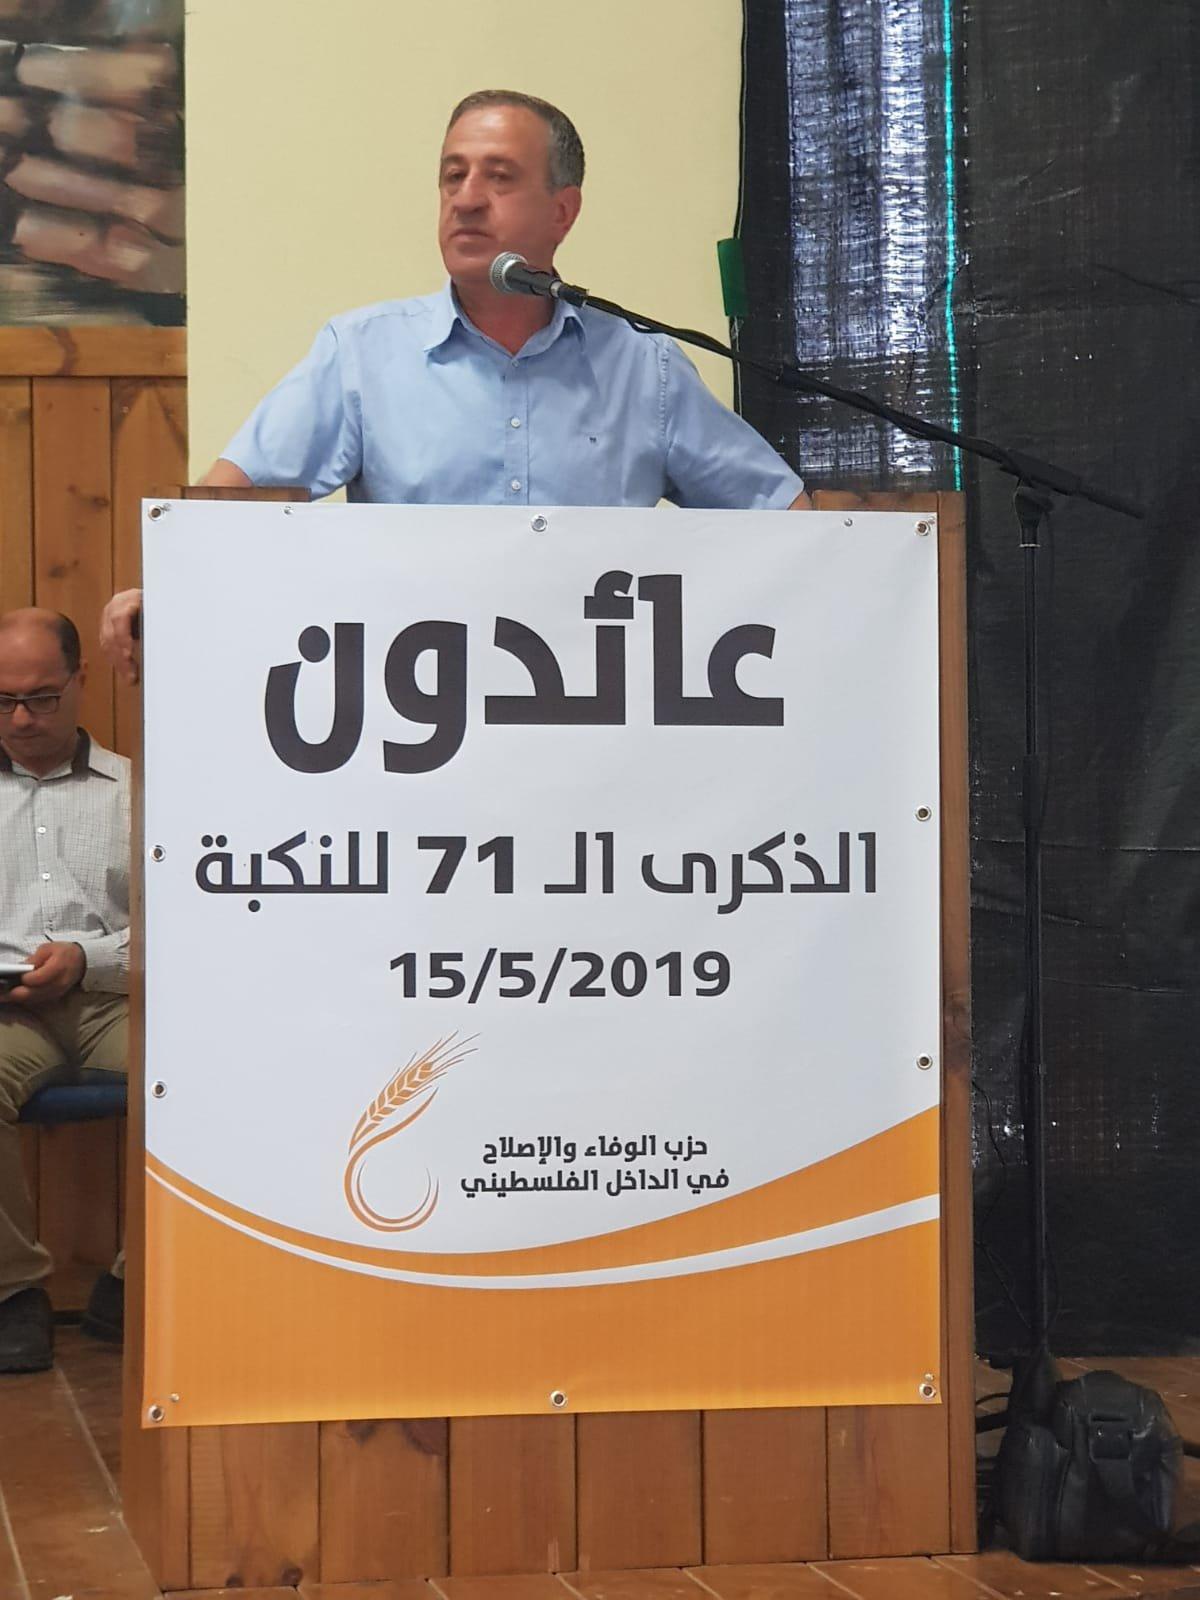 تحت شعار عائدون حزب الوفاء والإصلاح في الداخل الفلسطيني يحيي الذكرى ال 71 لنكبة شعبنا الفلسطيني.